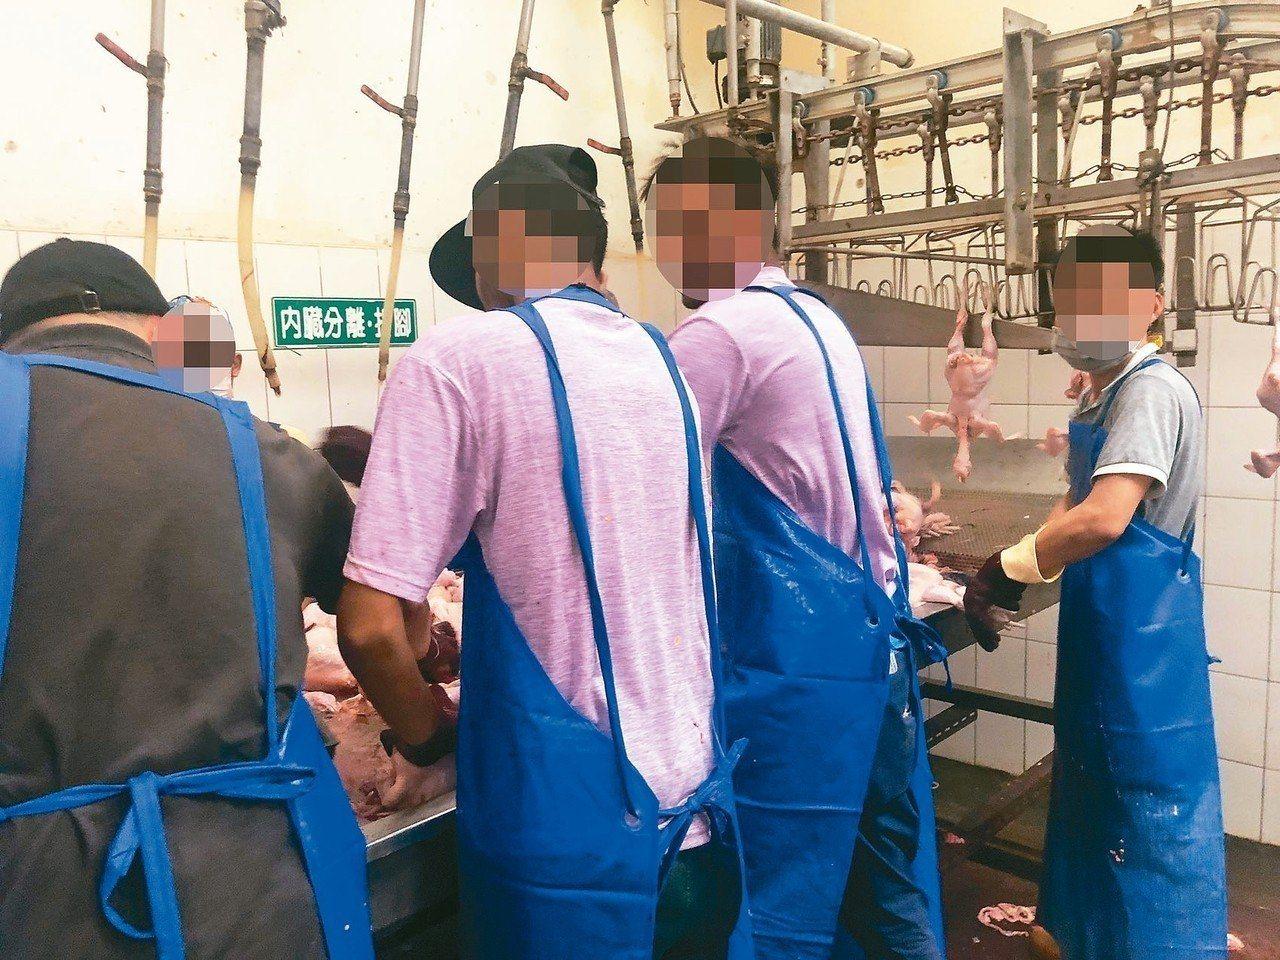 康寧大學一連爆出違法招收斯里蘭卡籍學生等多項違失,教育部將祭出「康寧條款」,以杜...